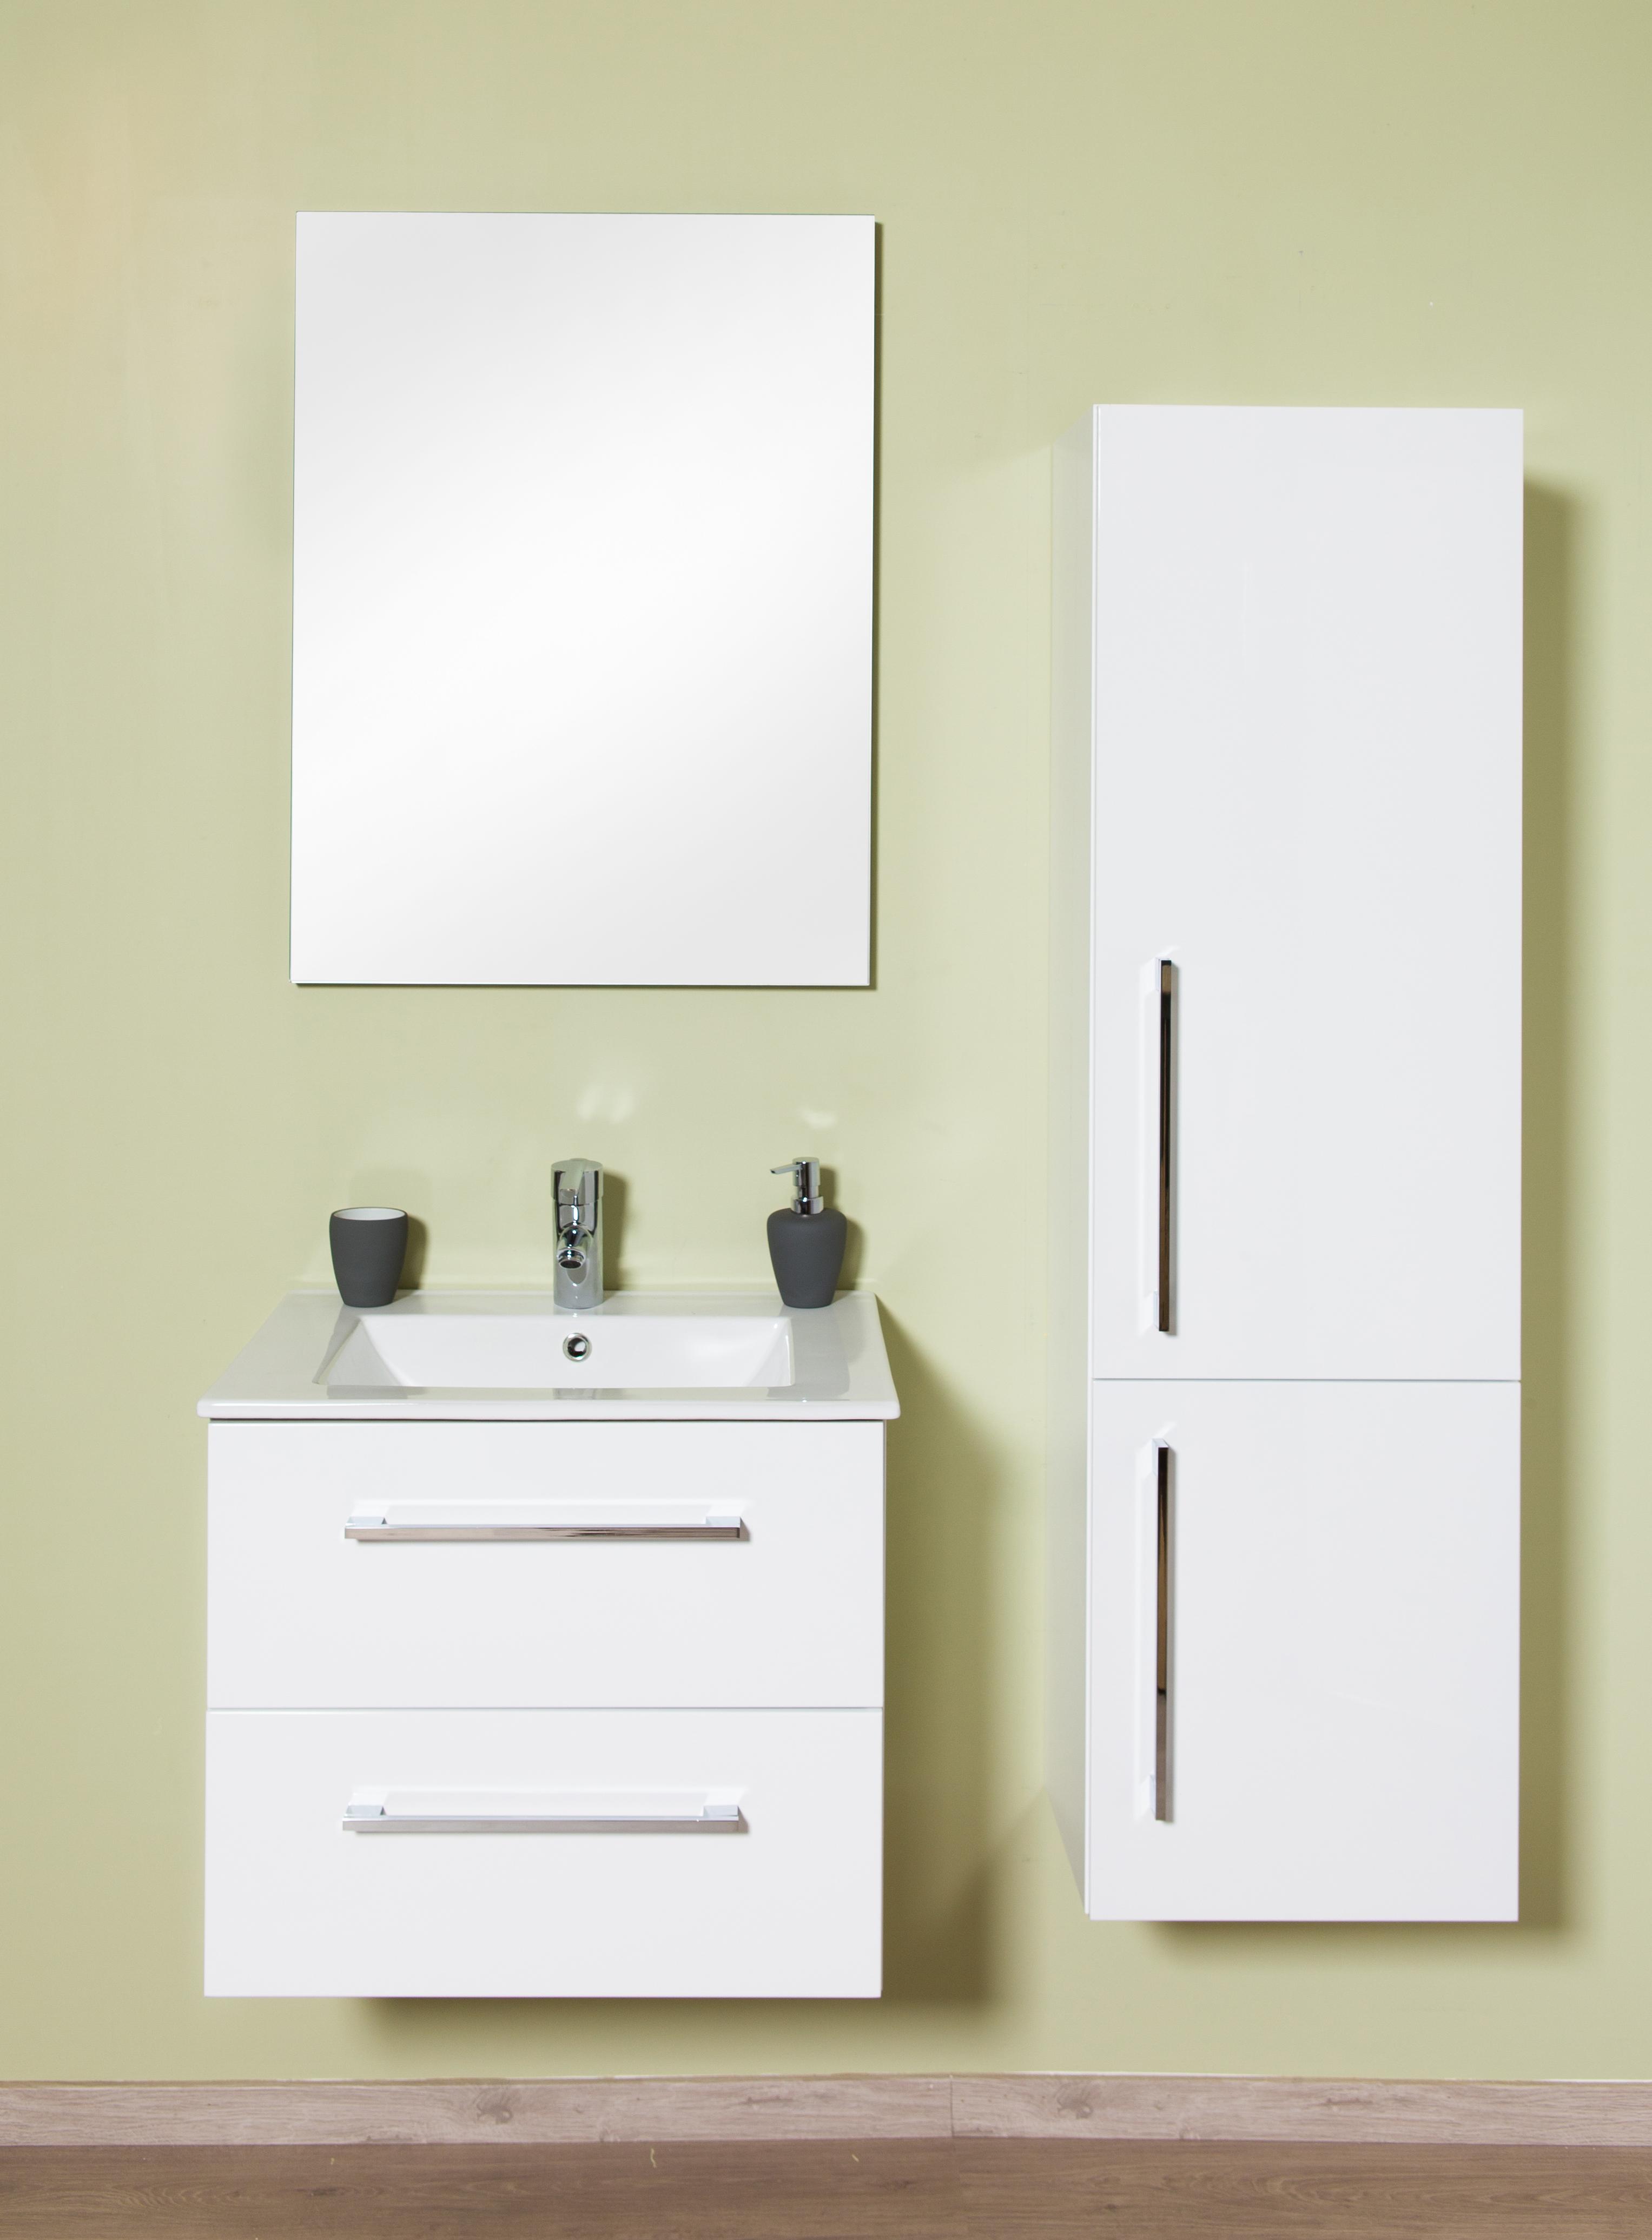 Zelfbouwmarkt - Kleine badkamer kopen? Kleine badkamer voorbeelden ...